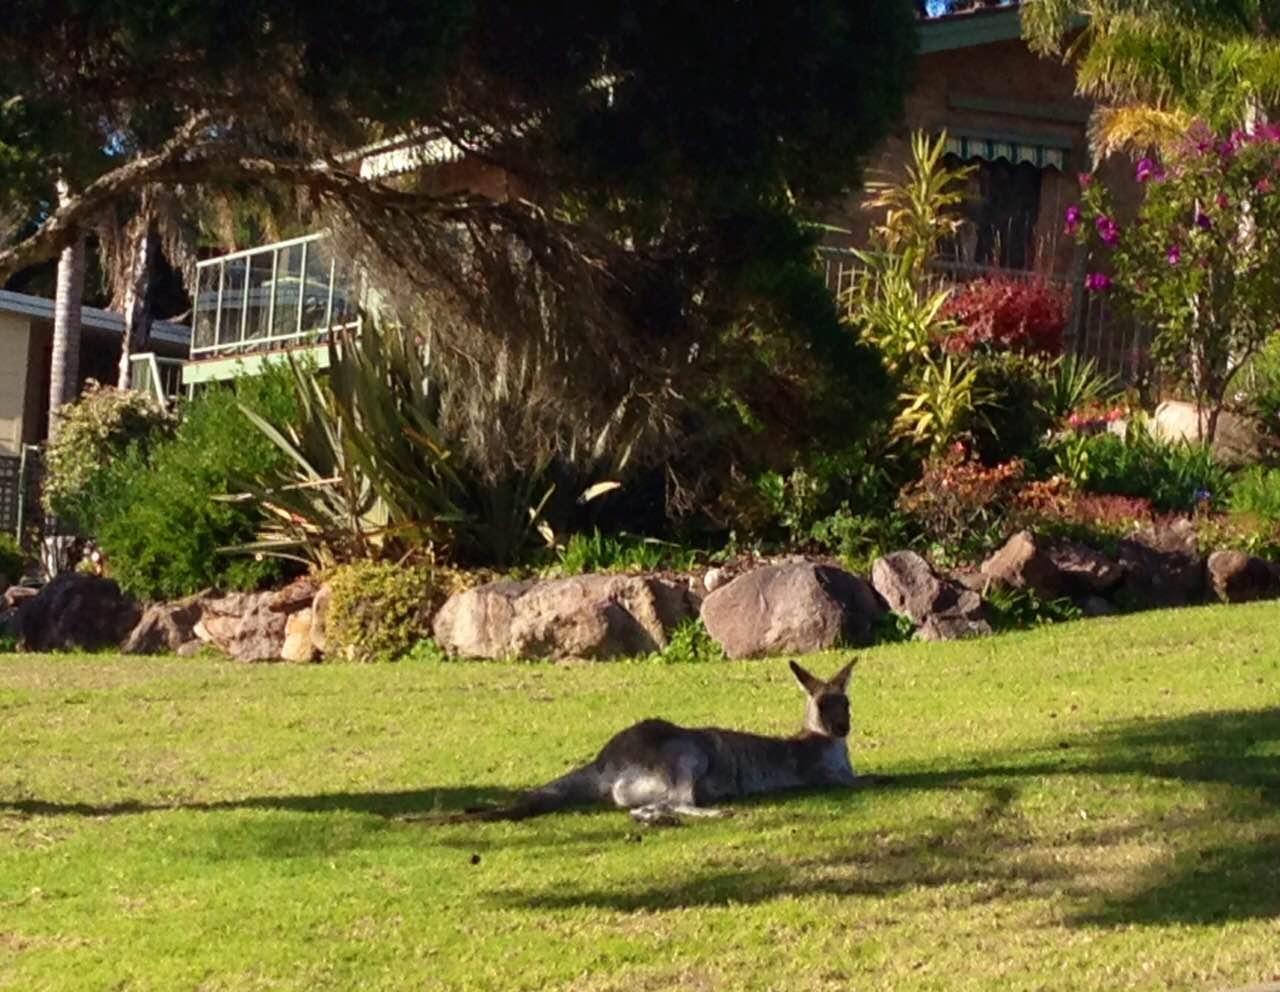 kangaroo on lawn pambula beach NSW australia